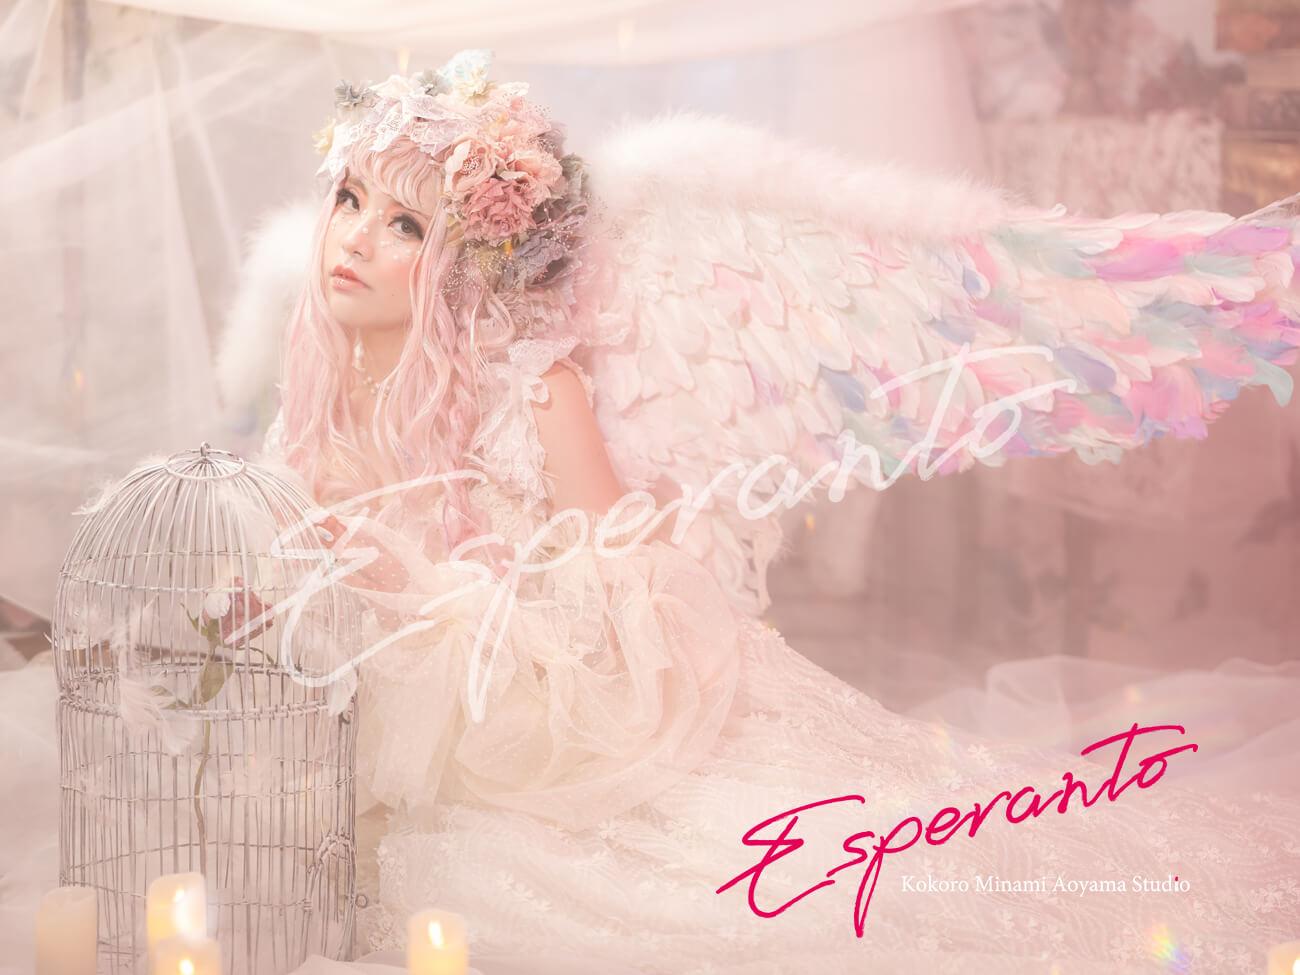 変身写真 天使 ドレス